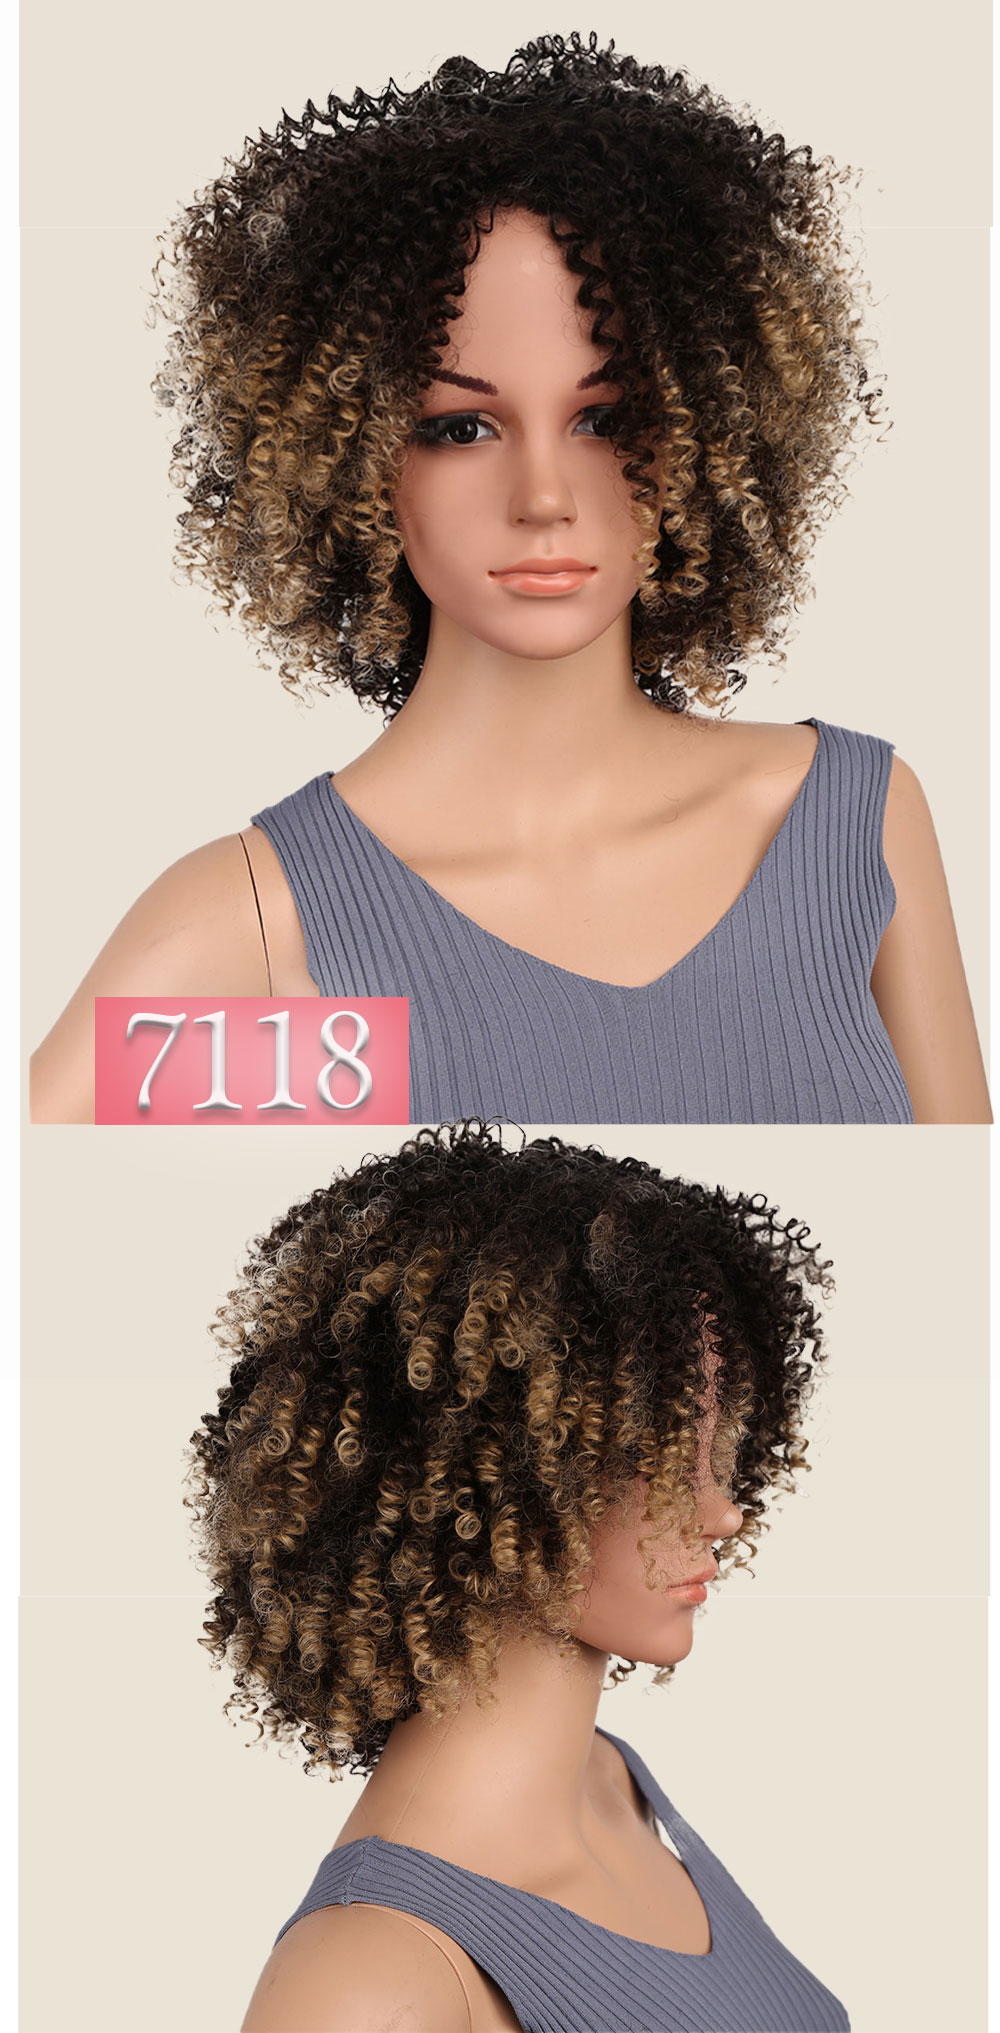 africano penteado resistente ao calor para mulher